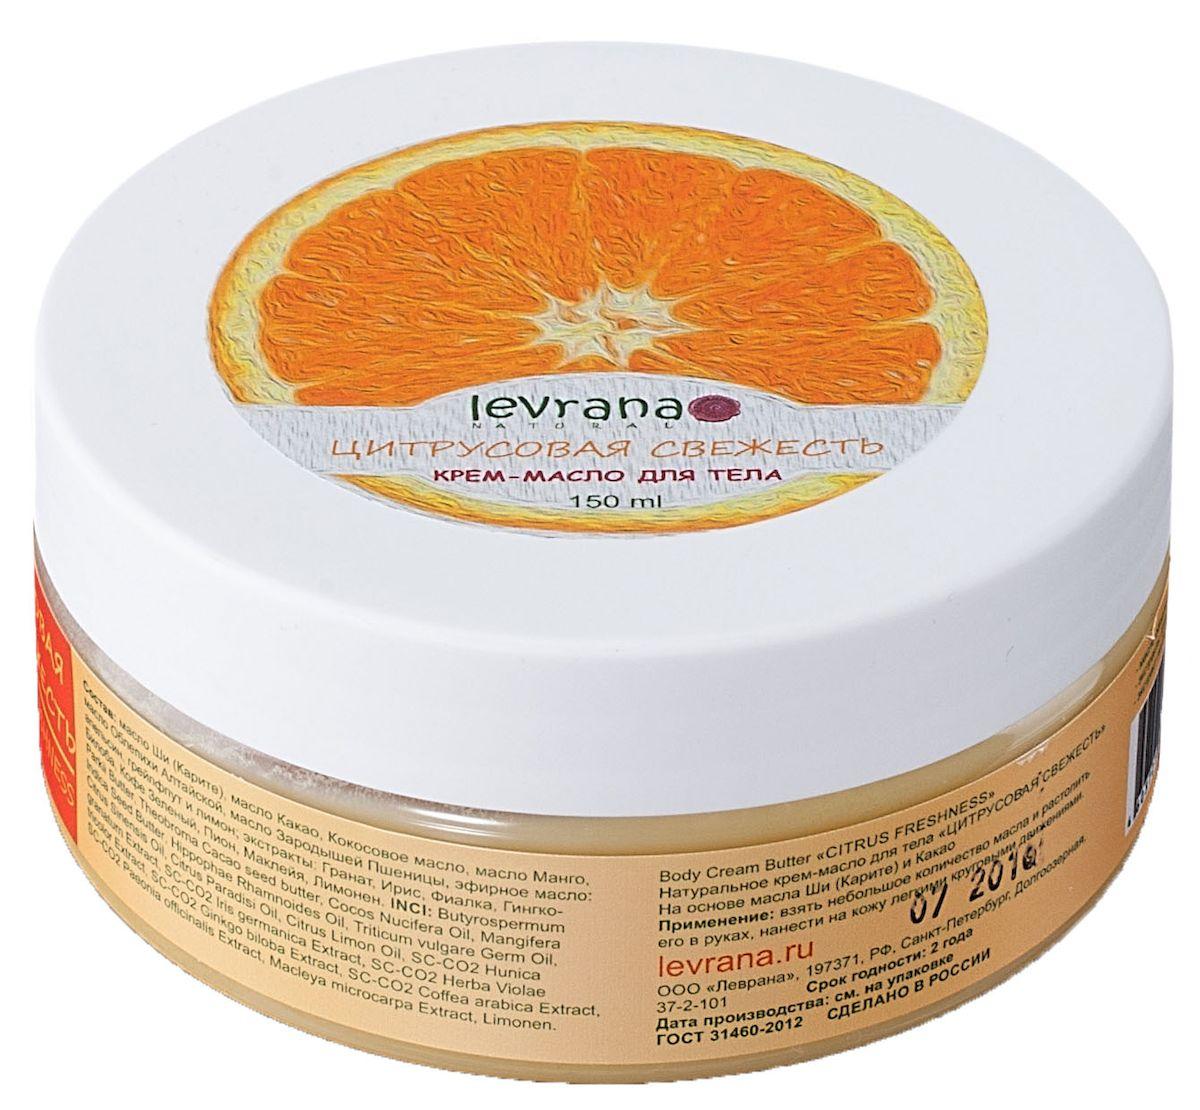 Levrana Крем-масло Цитрусовая свежесть, 150 мл